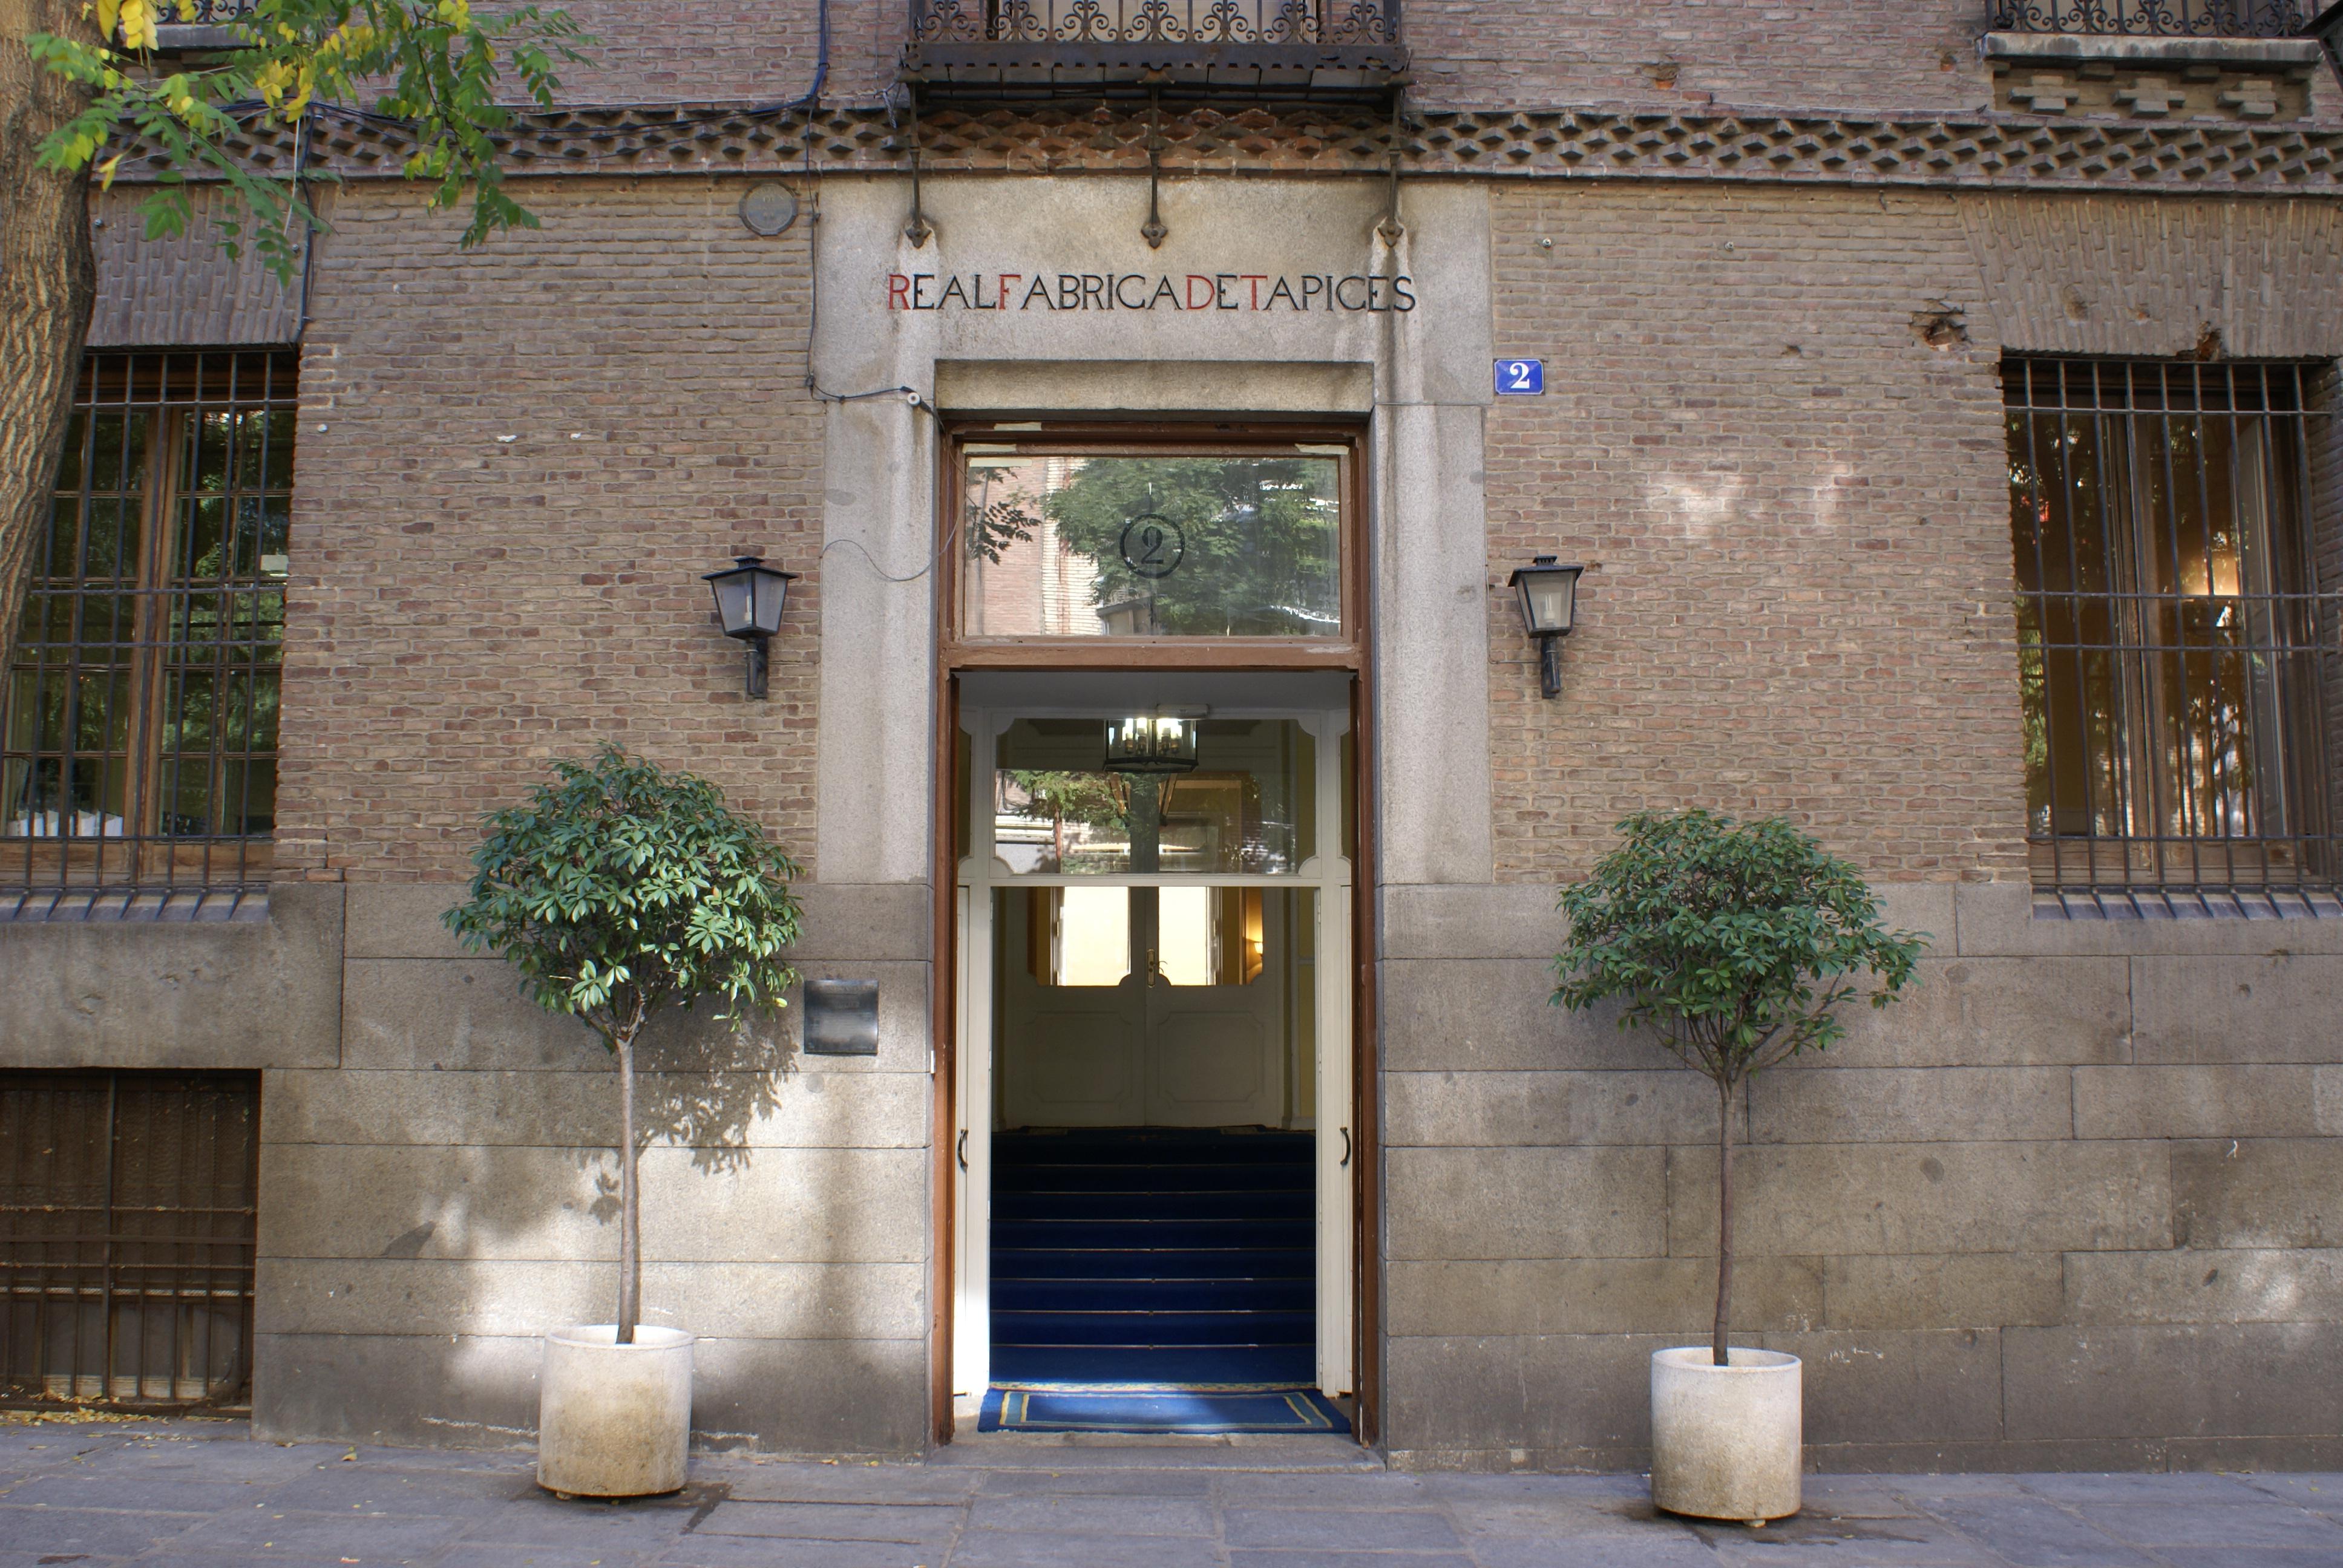 Real Fábrica de Tapices de Madrid